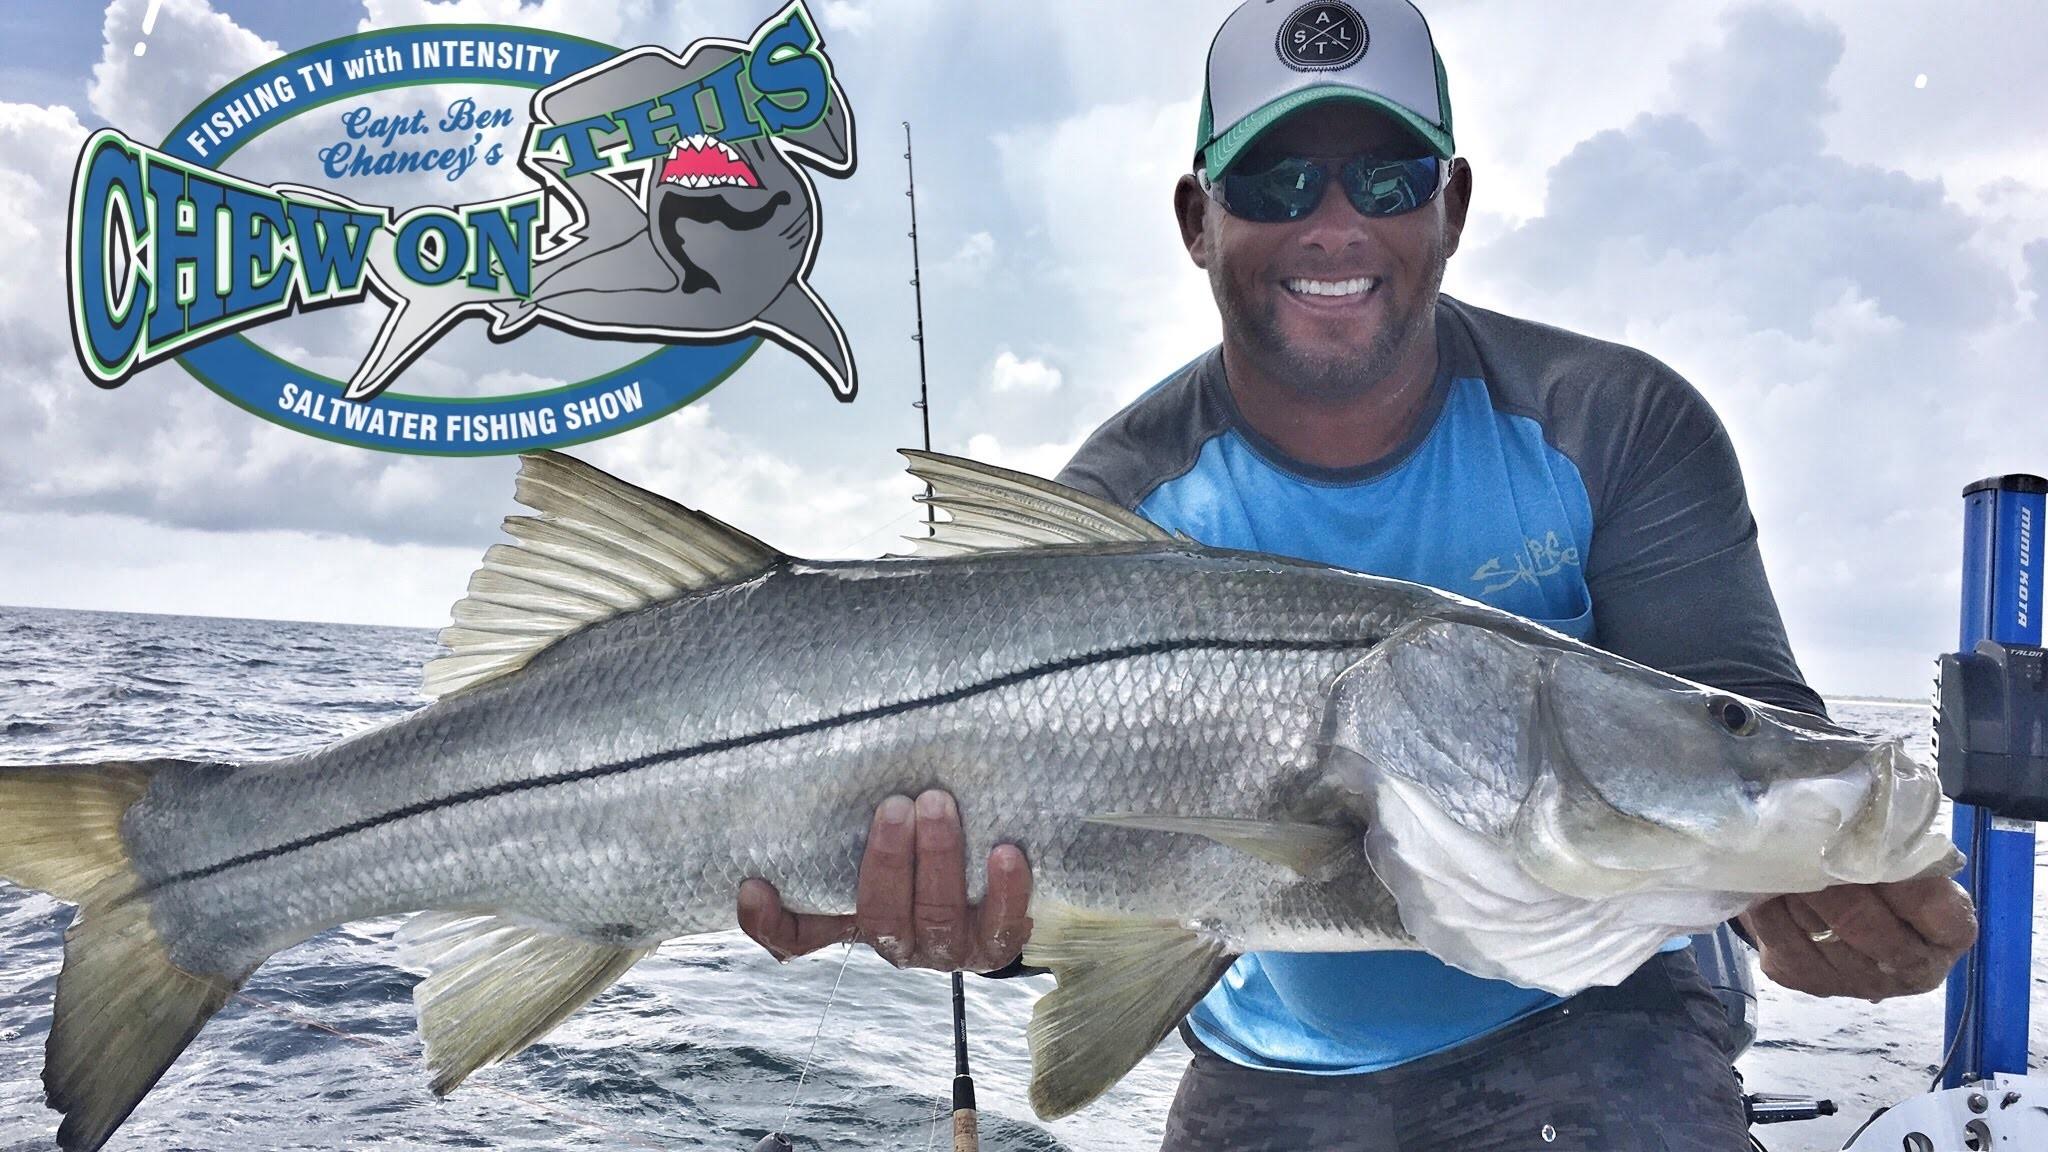 Saltwater fishing wallpaper 63 images for Florida saltwater fishing